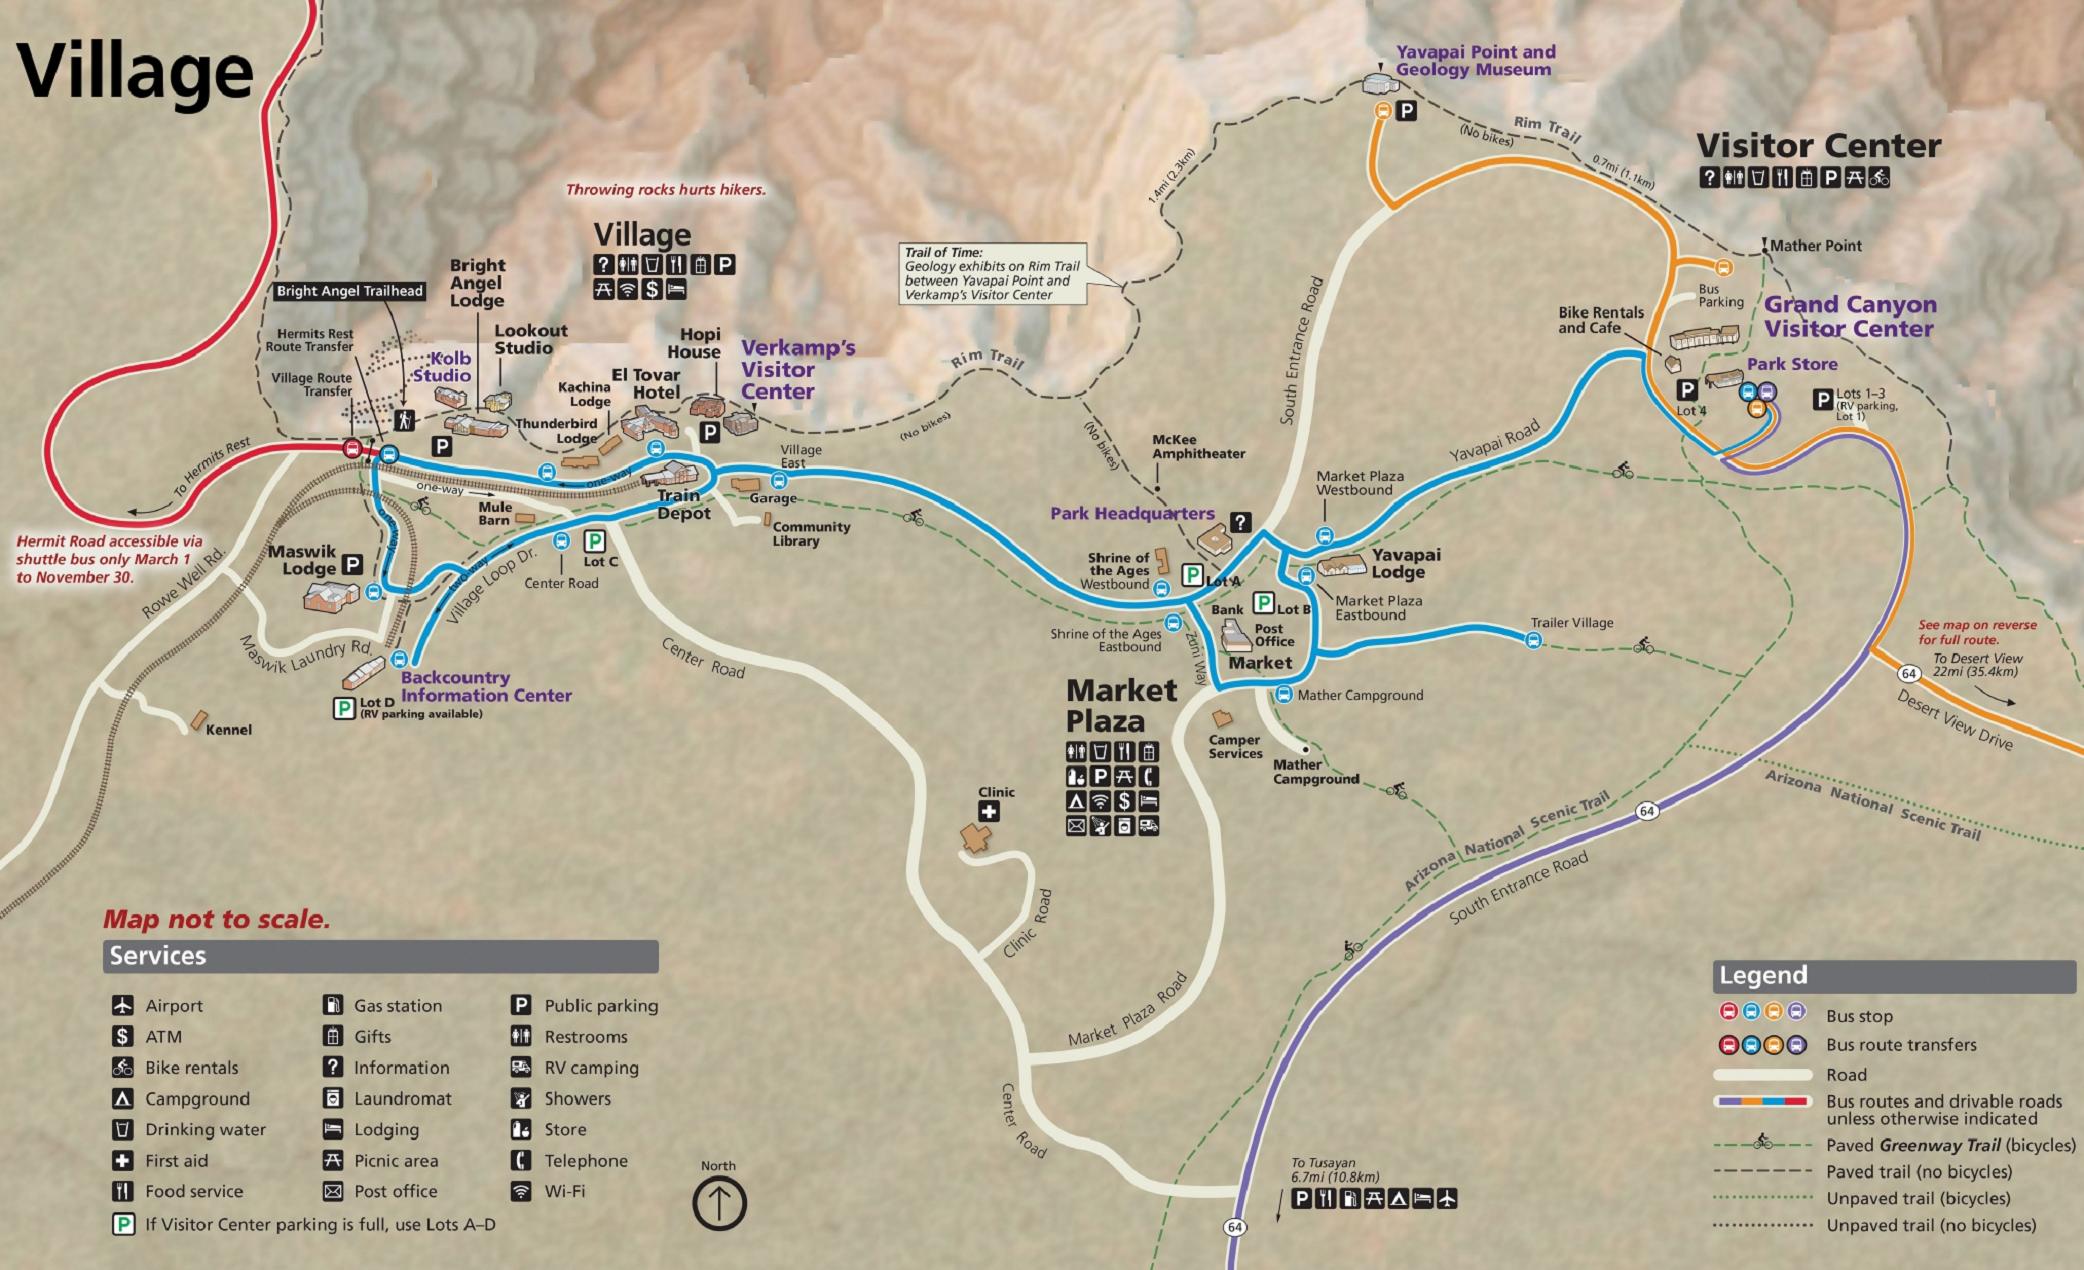 Карта Гранд-Каньона с автобусными маршрутами иосновными обзорными точками. Я выбрала Рим-Трейл — эта тропа обозначена черным пунктиром вверхней части карты. Источник: National Park Service